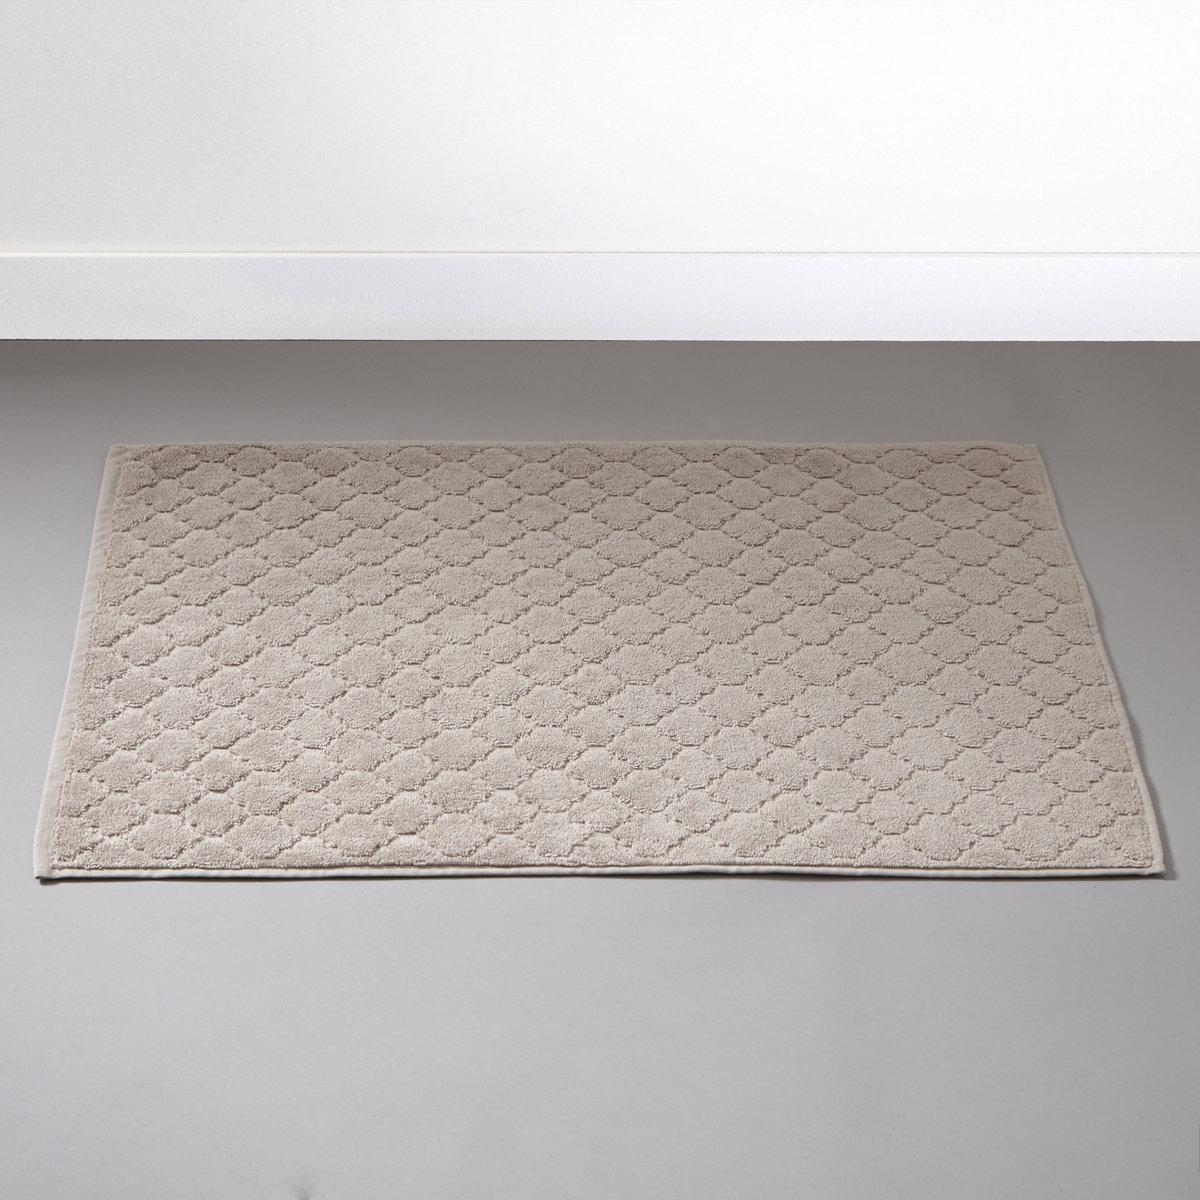 Коврик для ванной АЛЖЮСТРЕЛЬЖаккардовый коврик для ванной, 100% хлопка, 700 г/м?, выстриженные мотивы в восточном стиле. Бахрома по краю.Мягкий, межный и отлично впитывающий махровый материал, стирка при 60°.РАзмеры коврика для ванной : 50 x 70 см.<br><br>Цвет: бежевый песочный,розовое дерево,серо-синий,серый,экрю<br>Размер: прямоуг. 50 x 70 см.прямоуг. 50 x 70 см